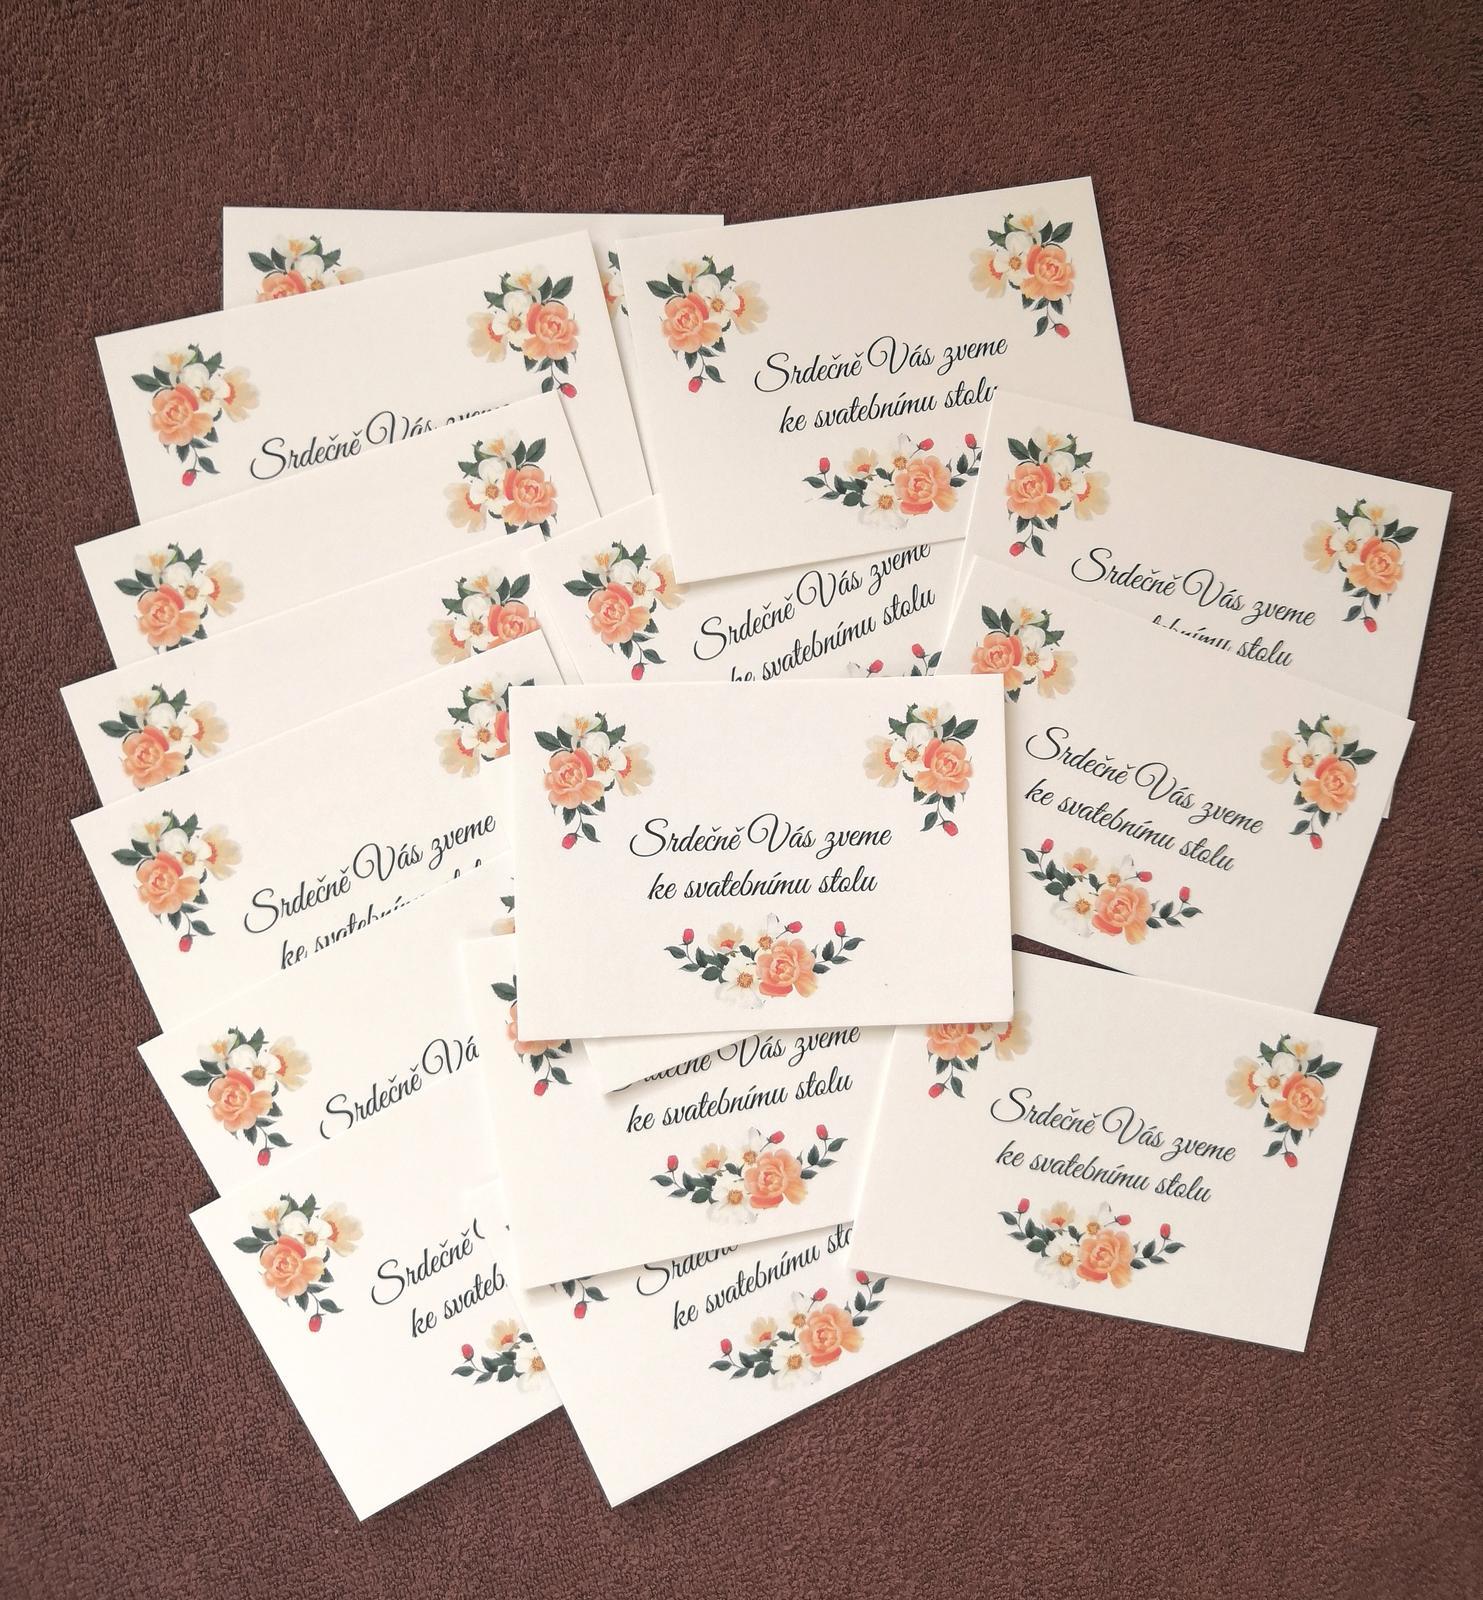 pozvánka ke svatebnímu stolu kartičky  - Obrázek č. 1